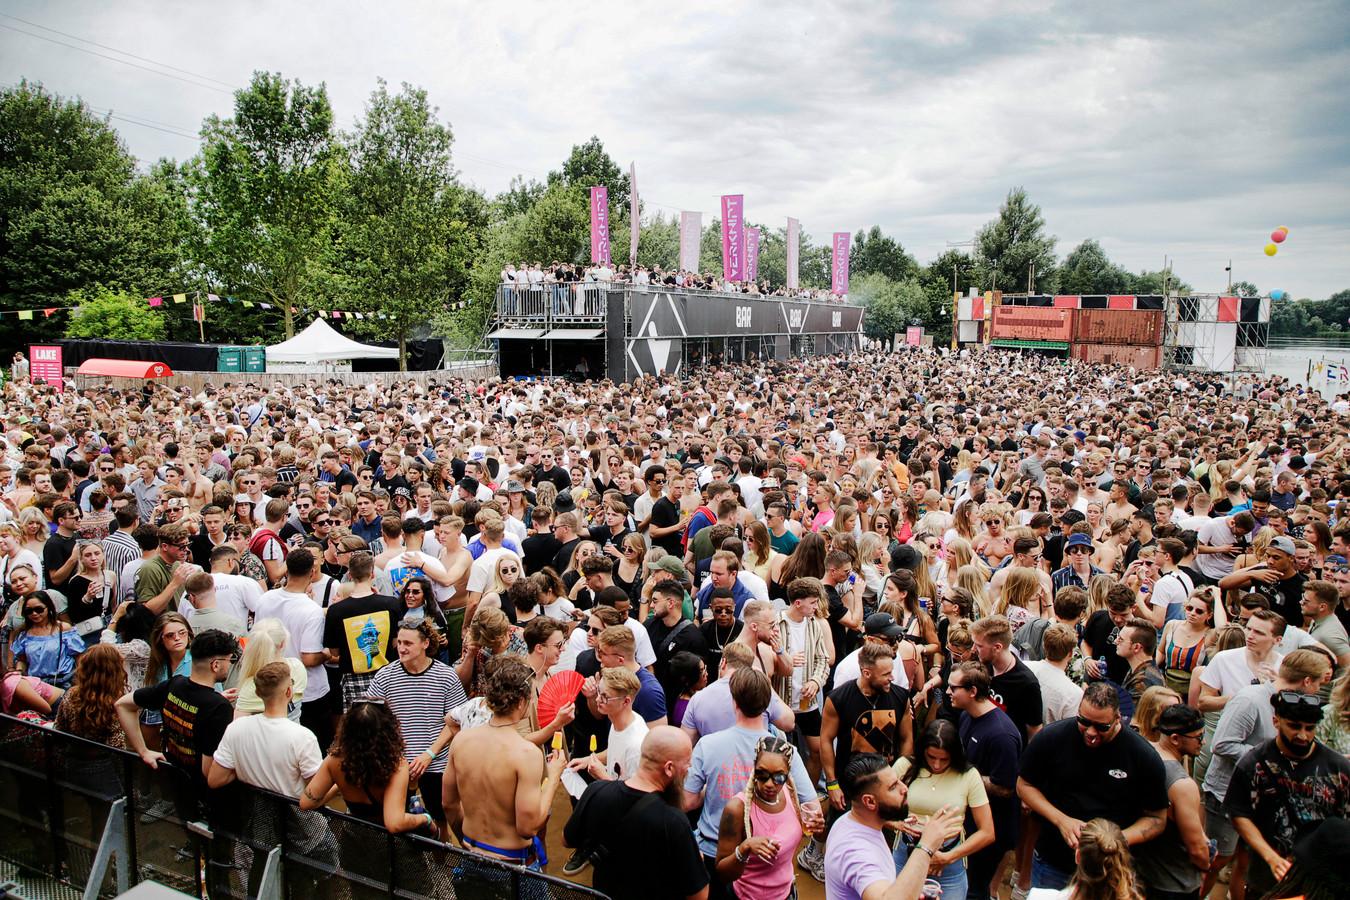 Het tweedaagse festival Verknipt was op 3 en 4 juli in Utrecht. Inmiddels is het Nederlandse nachtleven weer op slot en mogen festivals tot midden volgende maand niet meer doorgaan.